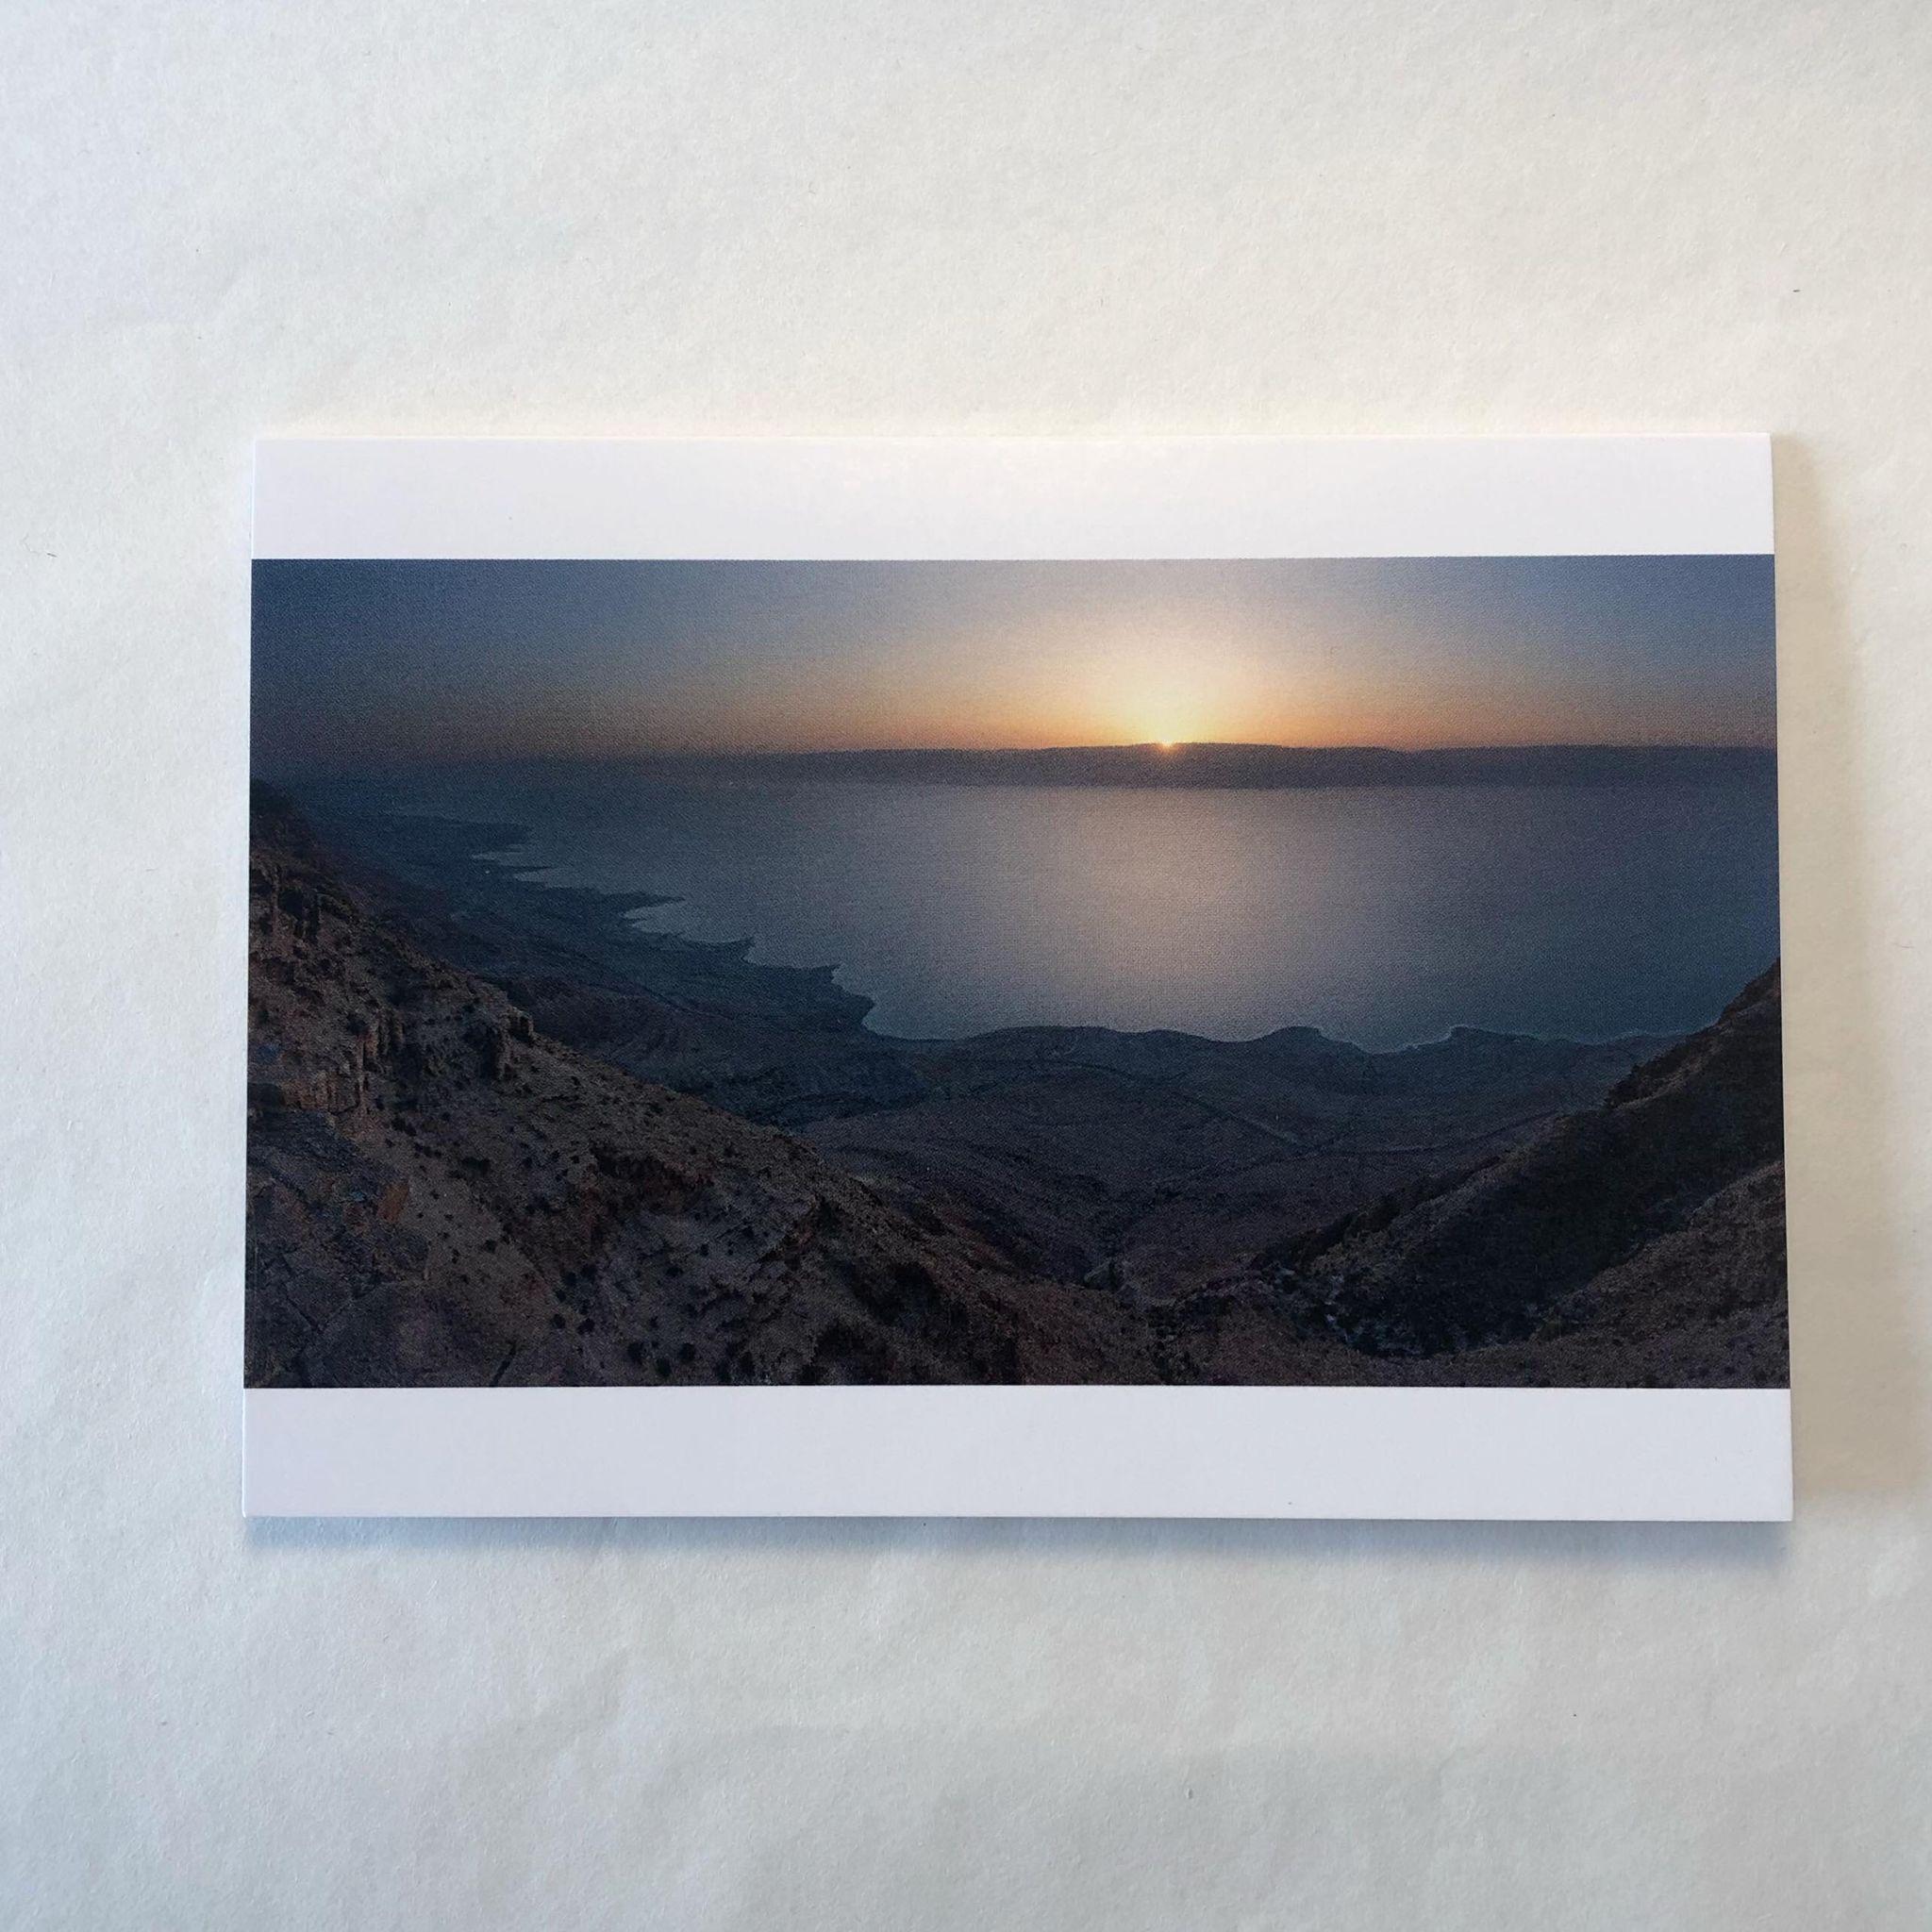 Dobbelt postkort - Soloppgang ved Dødehavet